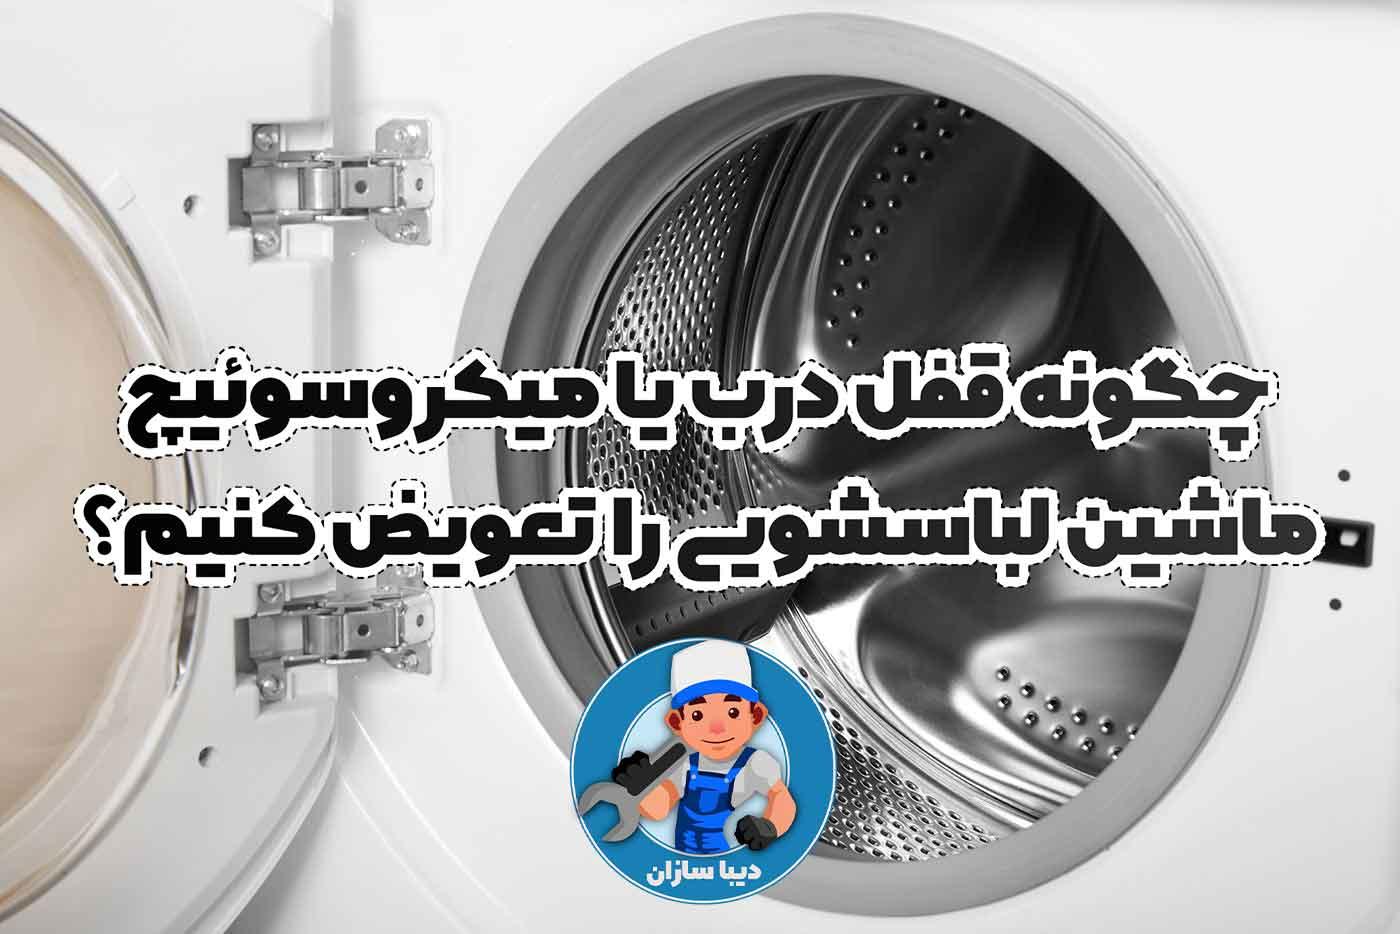 چگونه قفل درب یا میکروسوئیچ ماشین لباسشویی را تعویض کنیم؟